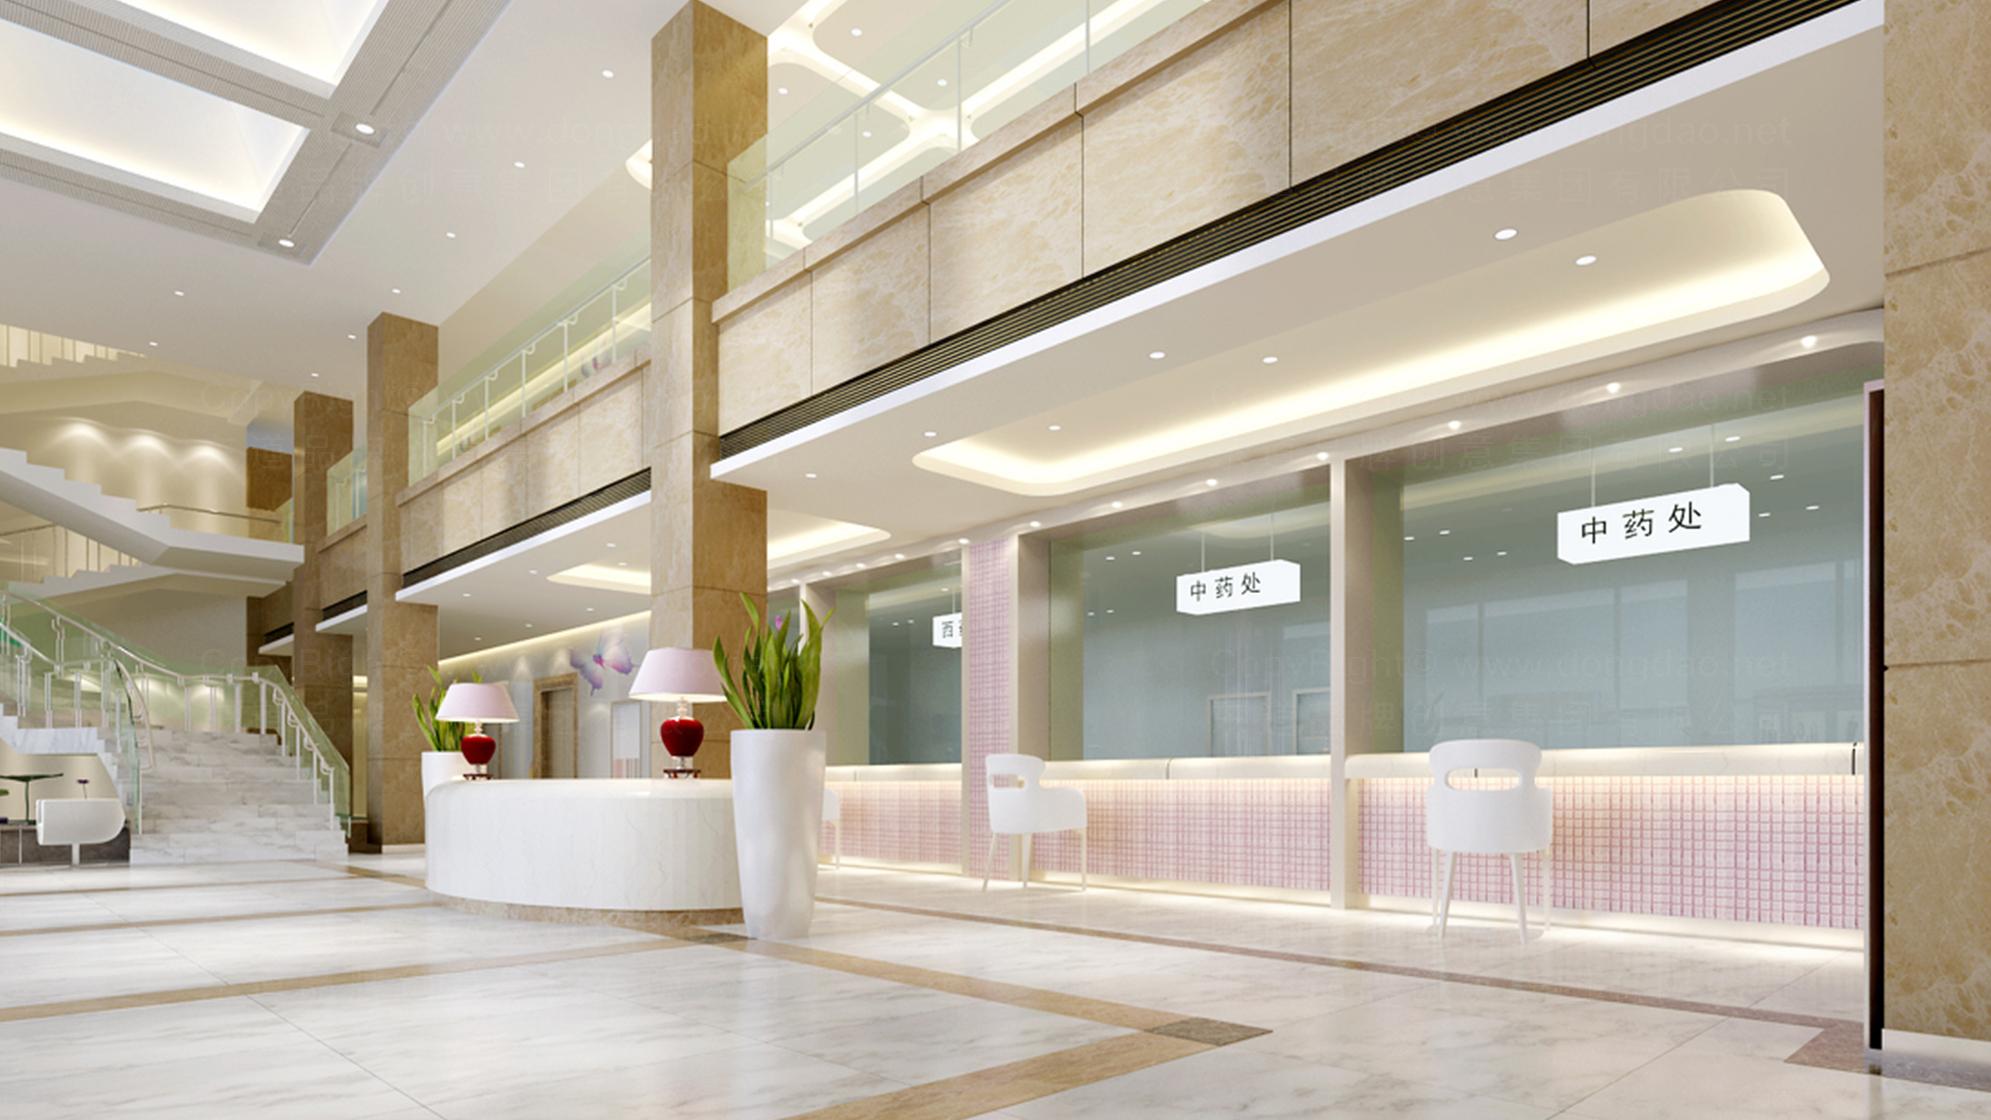 品牌设计北京五洲女子医院LOGO&VI设计应用场景_2